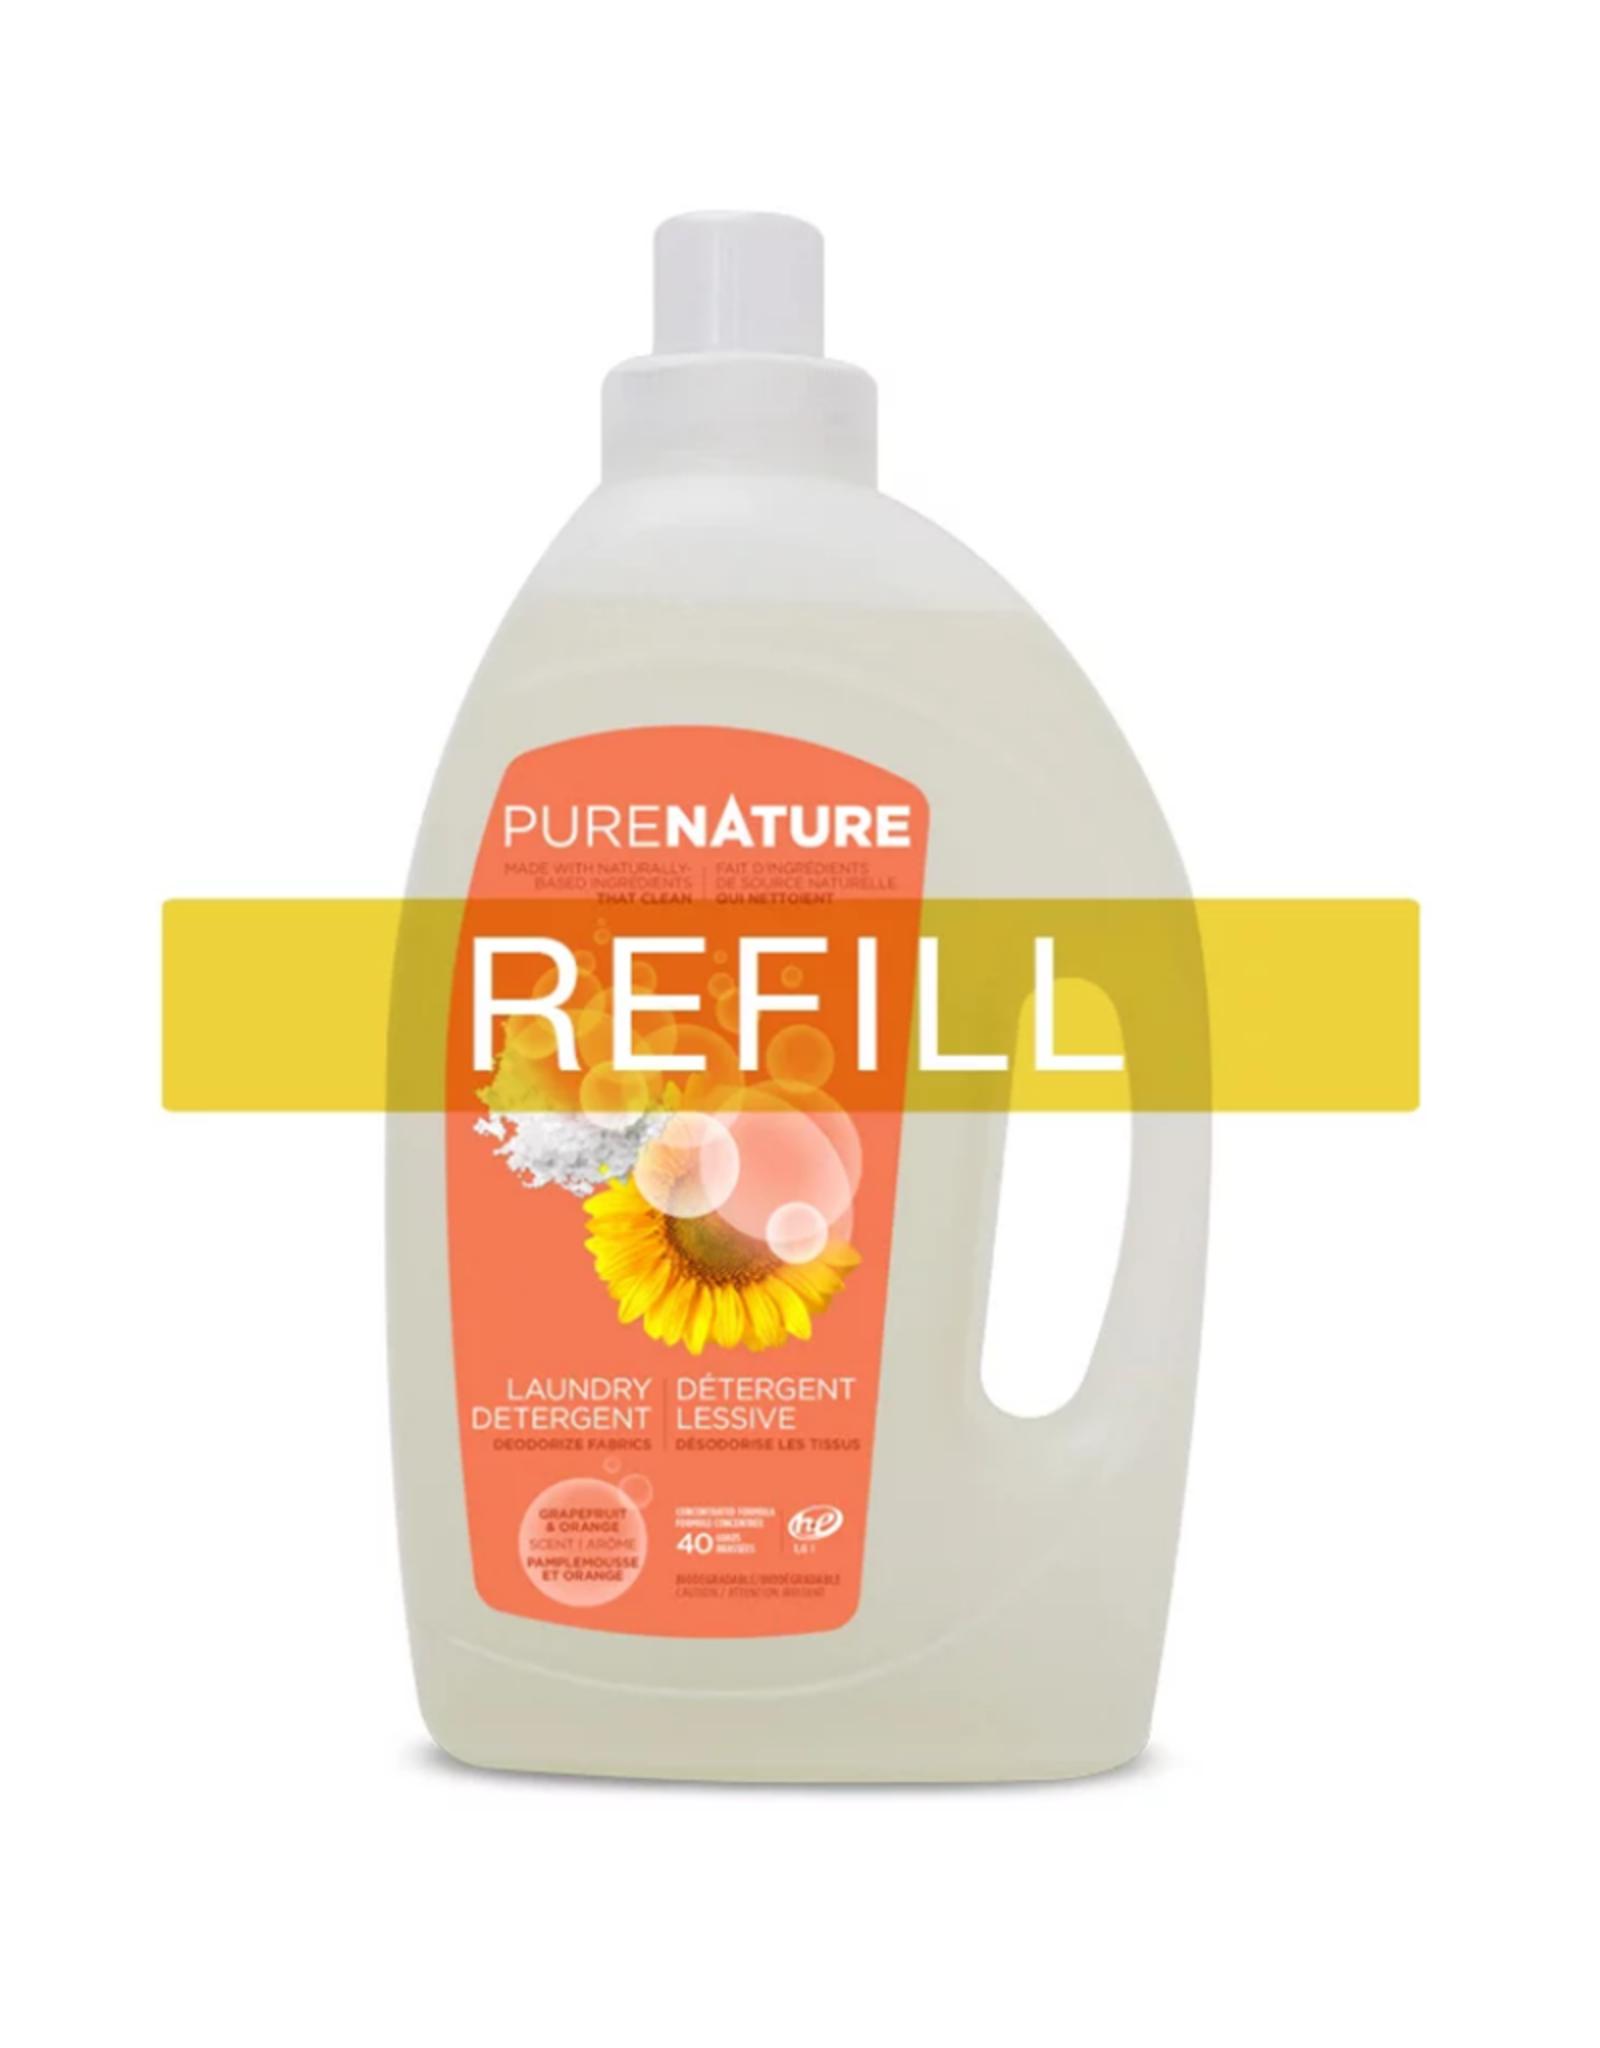 Purenature Purenature - Laundry Detergent, Orange & Grapefruit - REFILL